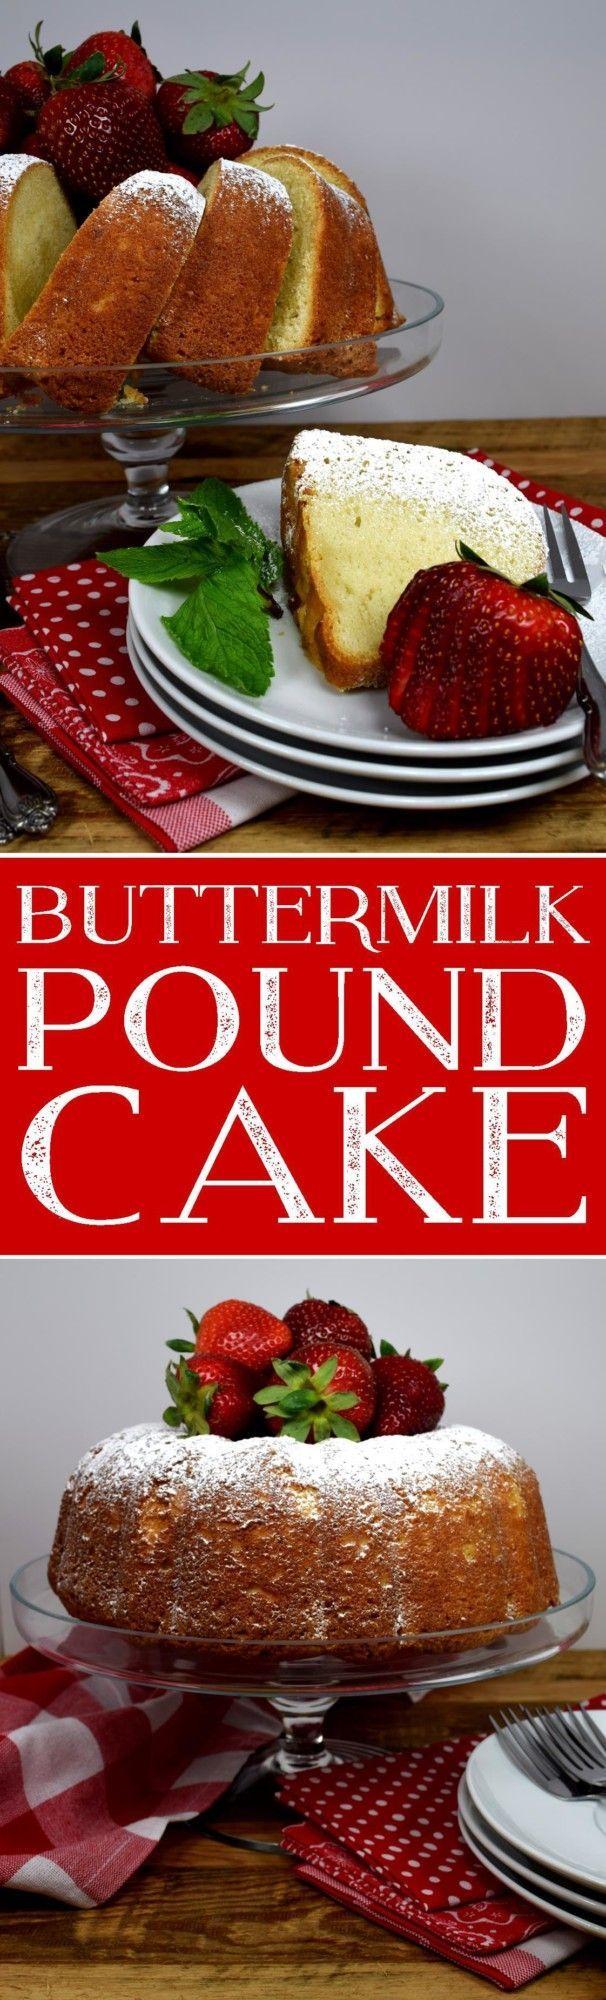 Chocolate Pound Cake Video